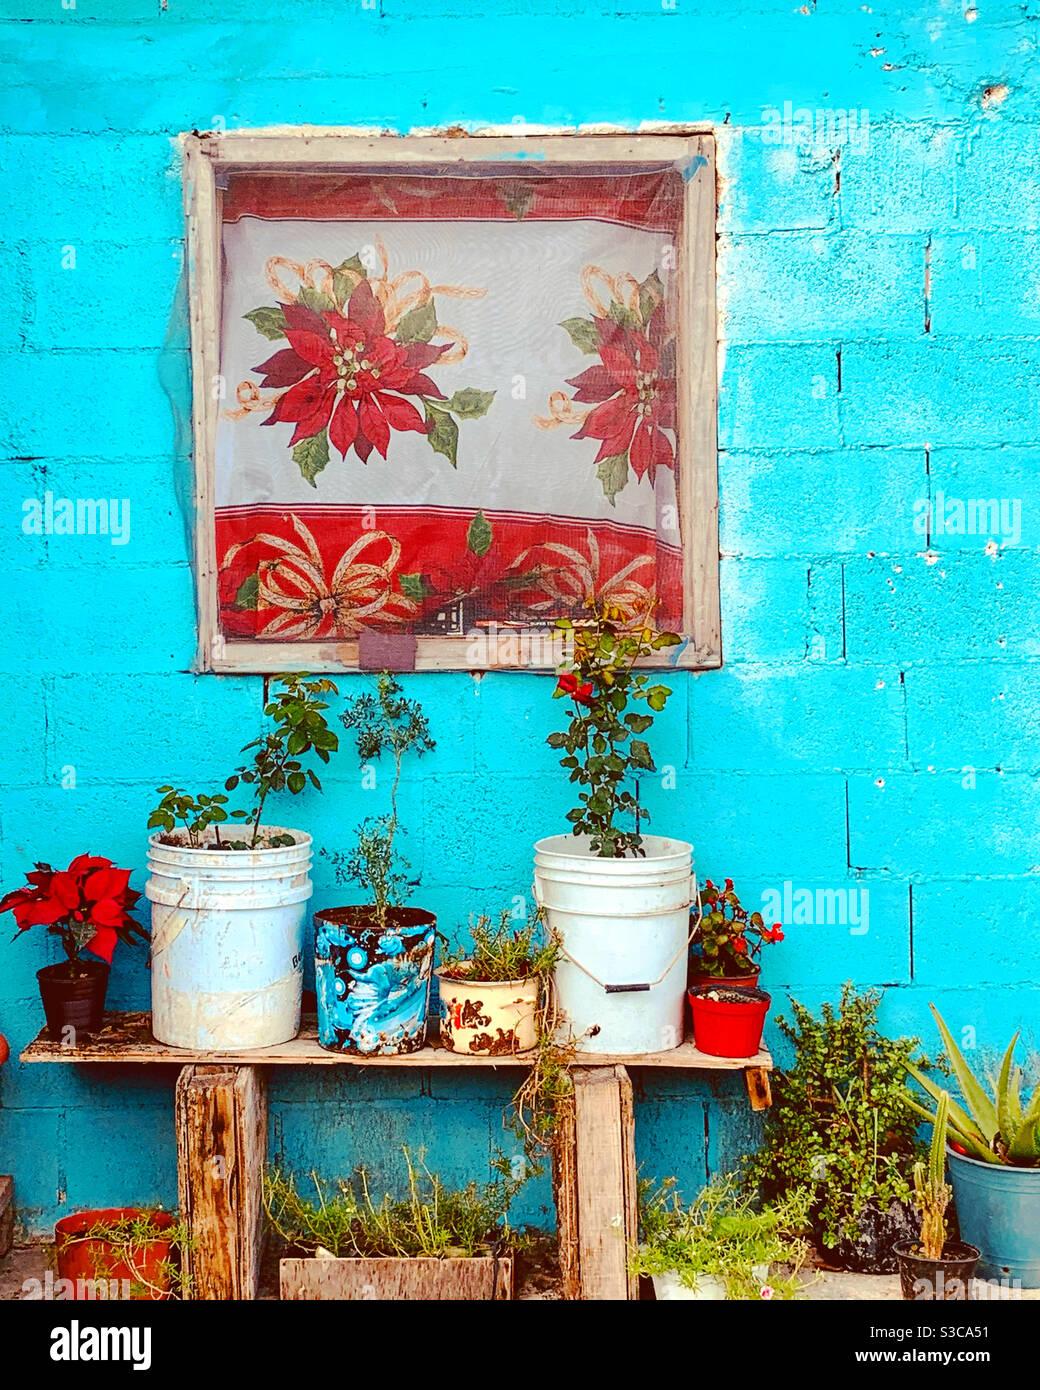 Pflanzen und Weihnachtsschmuck vor bescheidenen Haus in Mexiko Stockfoto